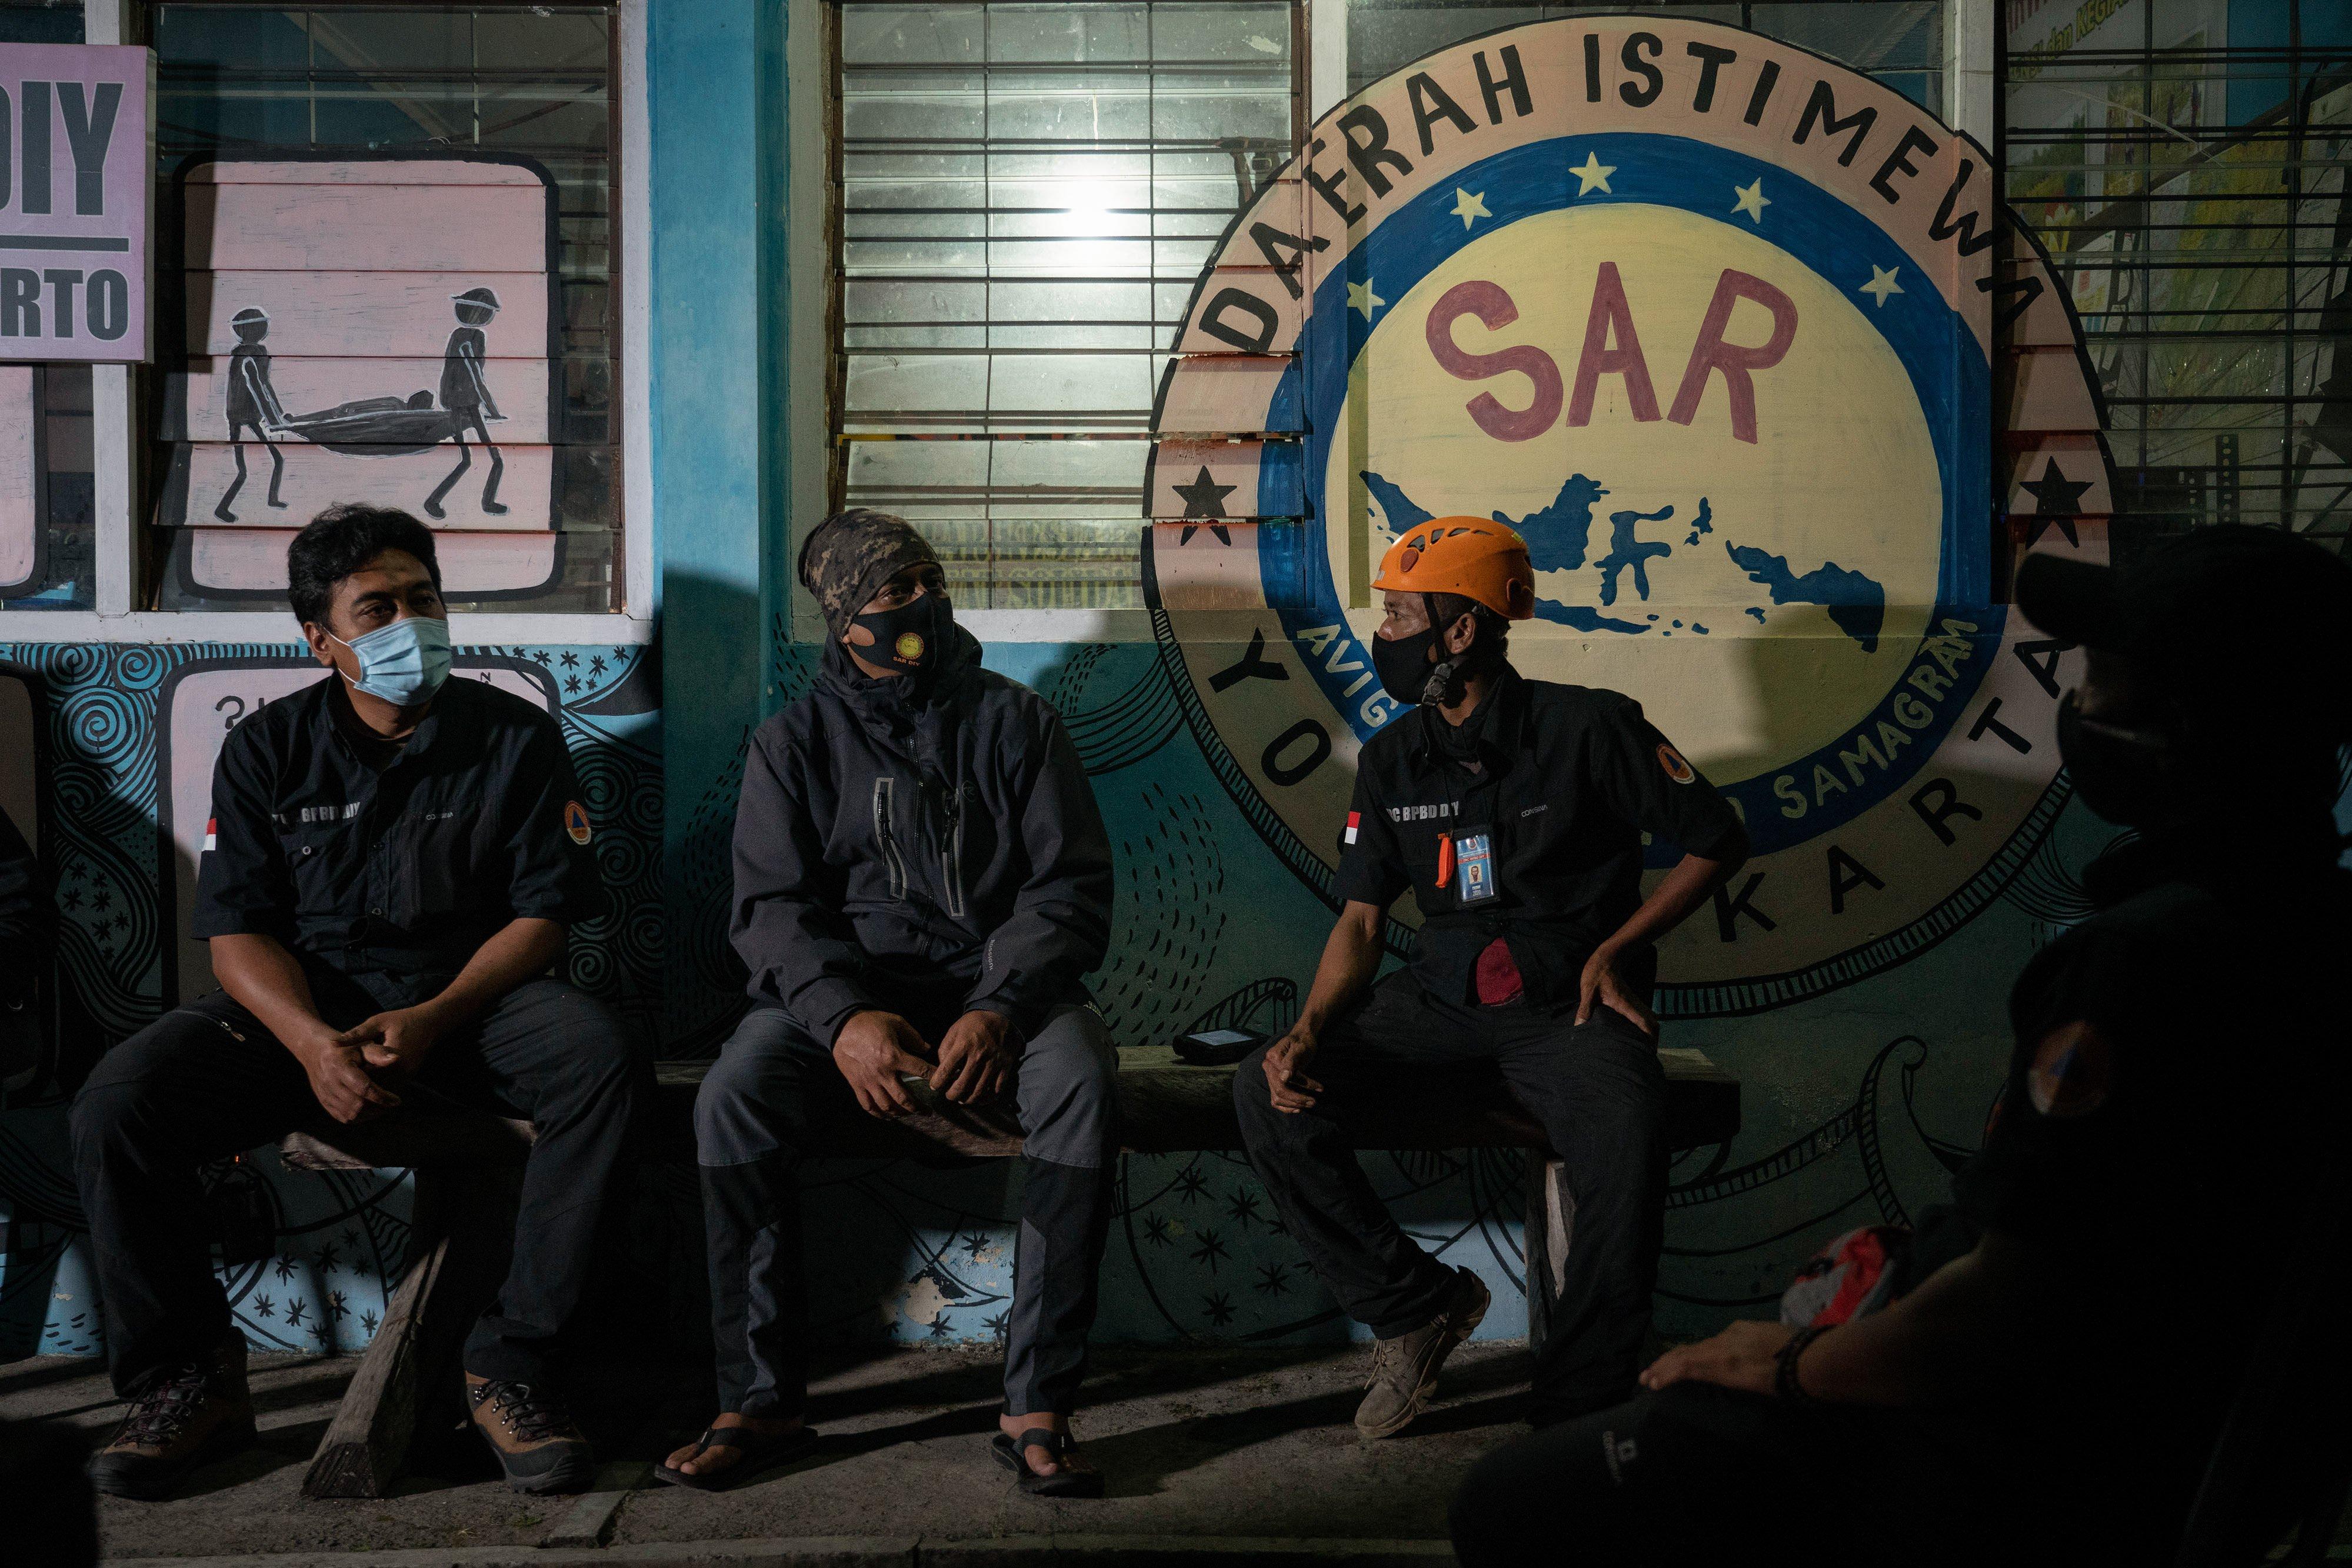 Anggota Tim Reaksi Cepat (TRC) BPBD DIY mengunjungi pos relawan SAR DIY sektor barat di Wonokerto, Turi, Sleman, DI Yogyakarta.